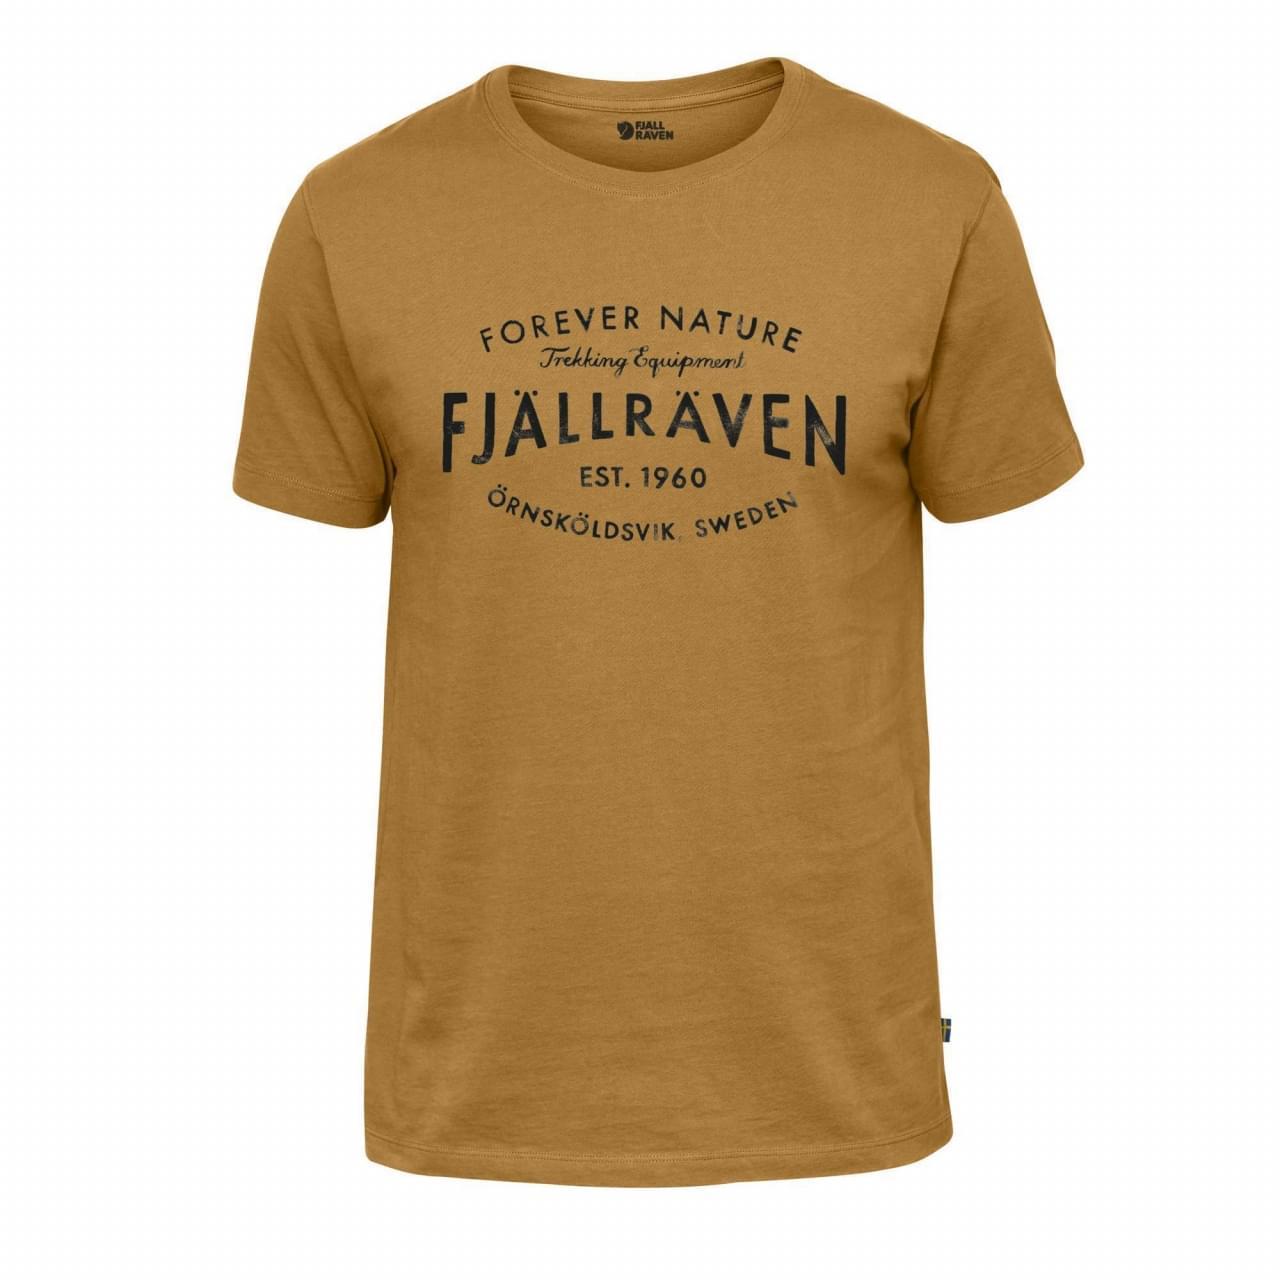 Fjallraven Est. 1960 T-Shirt Heren Geel